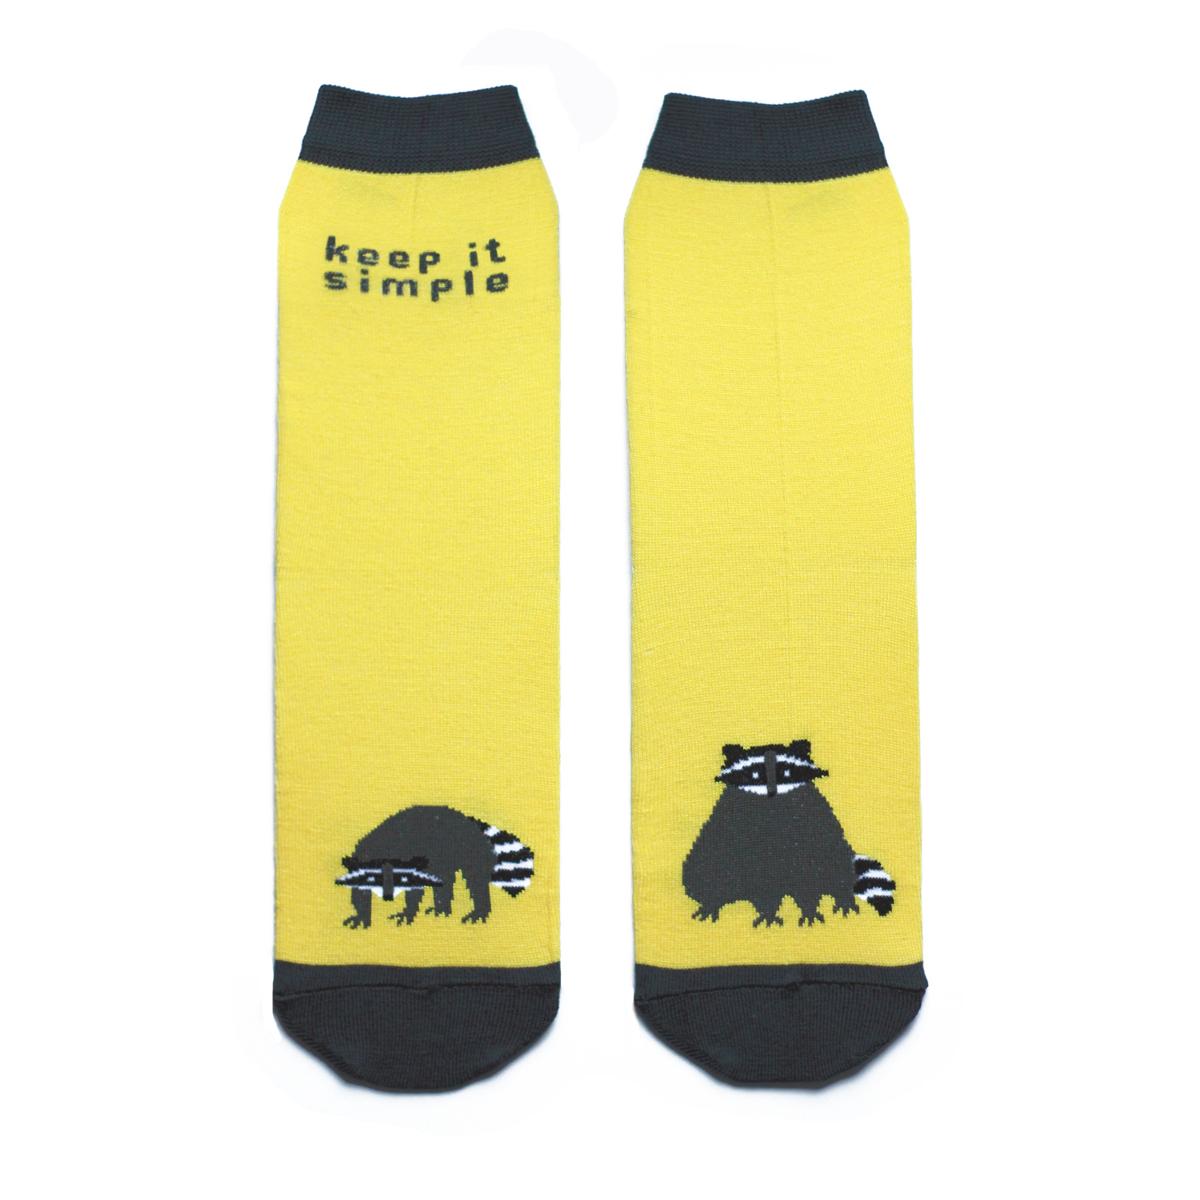 Носки женские Big Bang Socks, цвет: желтый, темно-серый. ca1221. Размер 35/39ca1221Яркие женские носки Big Bang Socks изготовлены из высококачественного хлопка с добавлением полиамидных и эластановых волокон, которые обеспечивают великолепную посадку. Носки отличаются ярким стильным дизайном, они оформлены изображением енота и надписью: Keep it simple. Удобная резинка идеально облегает ногу и не пережимает сосуды, усиленные пятка и мысок повышают износоустойчивость носка, а удлиненный паголенок придает более эстетичный вид. Дизайнерские носки Big Bang Socks - яркая деталь в вашем образе и оригинальный подарок для друзей и близких.